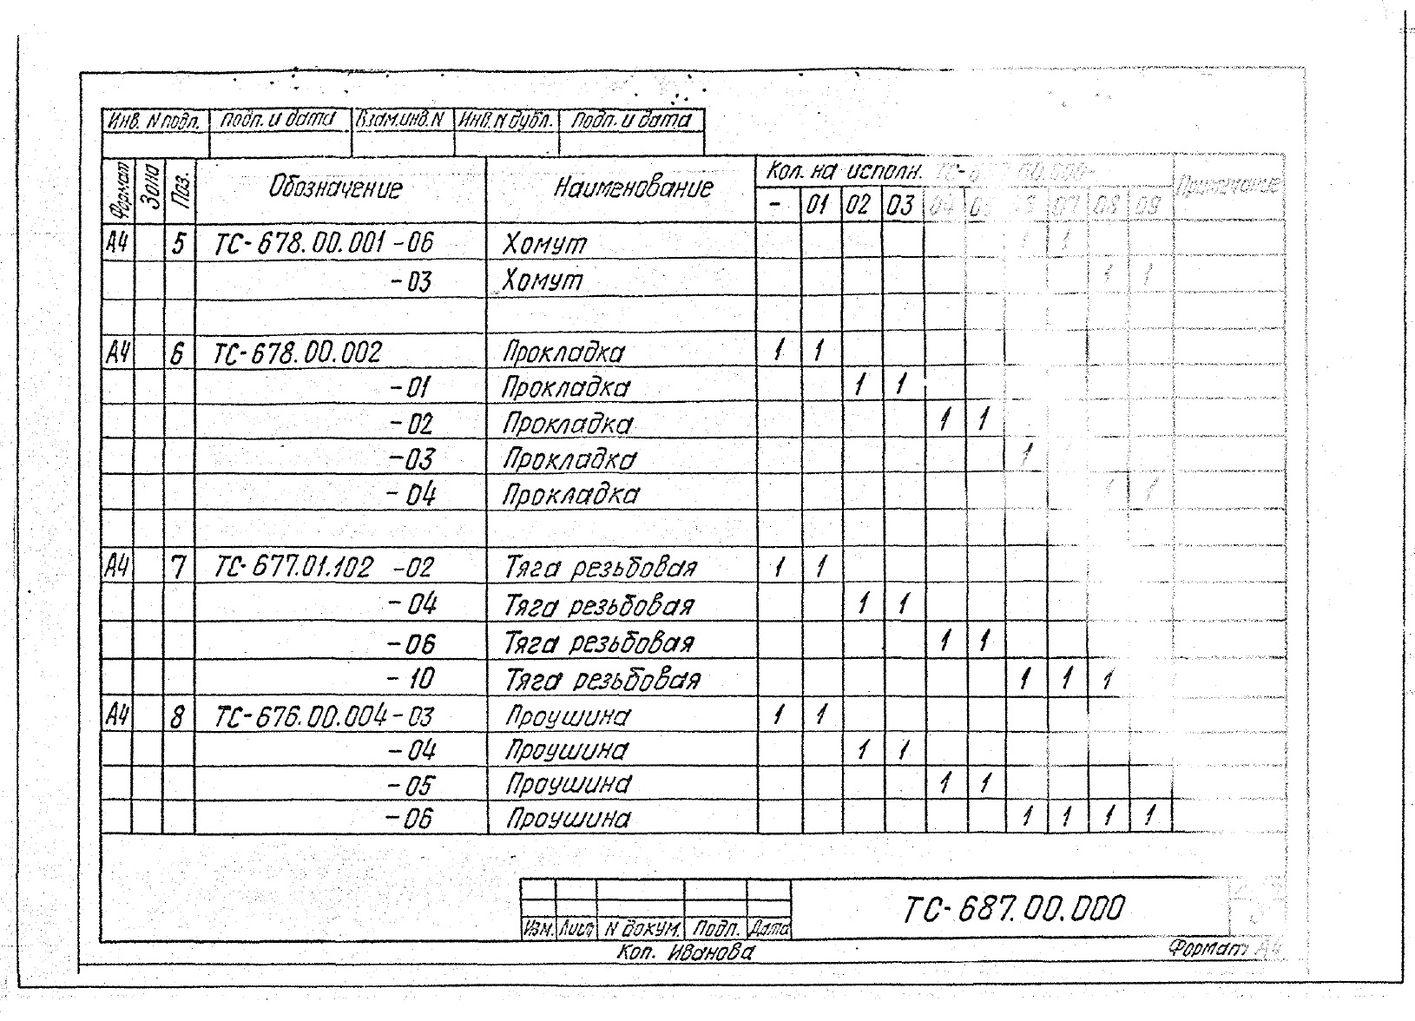 Подвески пружинные для горизонтальных трубопроводов Дн 159-426 мм ТС-687.00.000 СБ серия 5.903-13 выпуск 6-95 стр.6